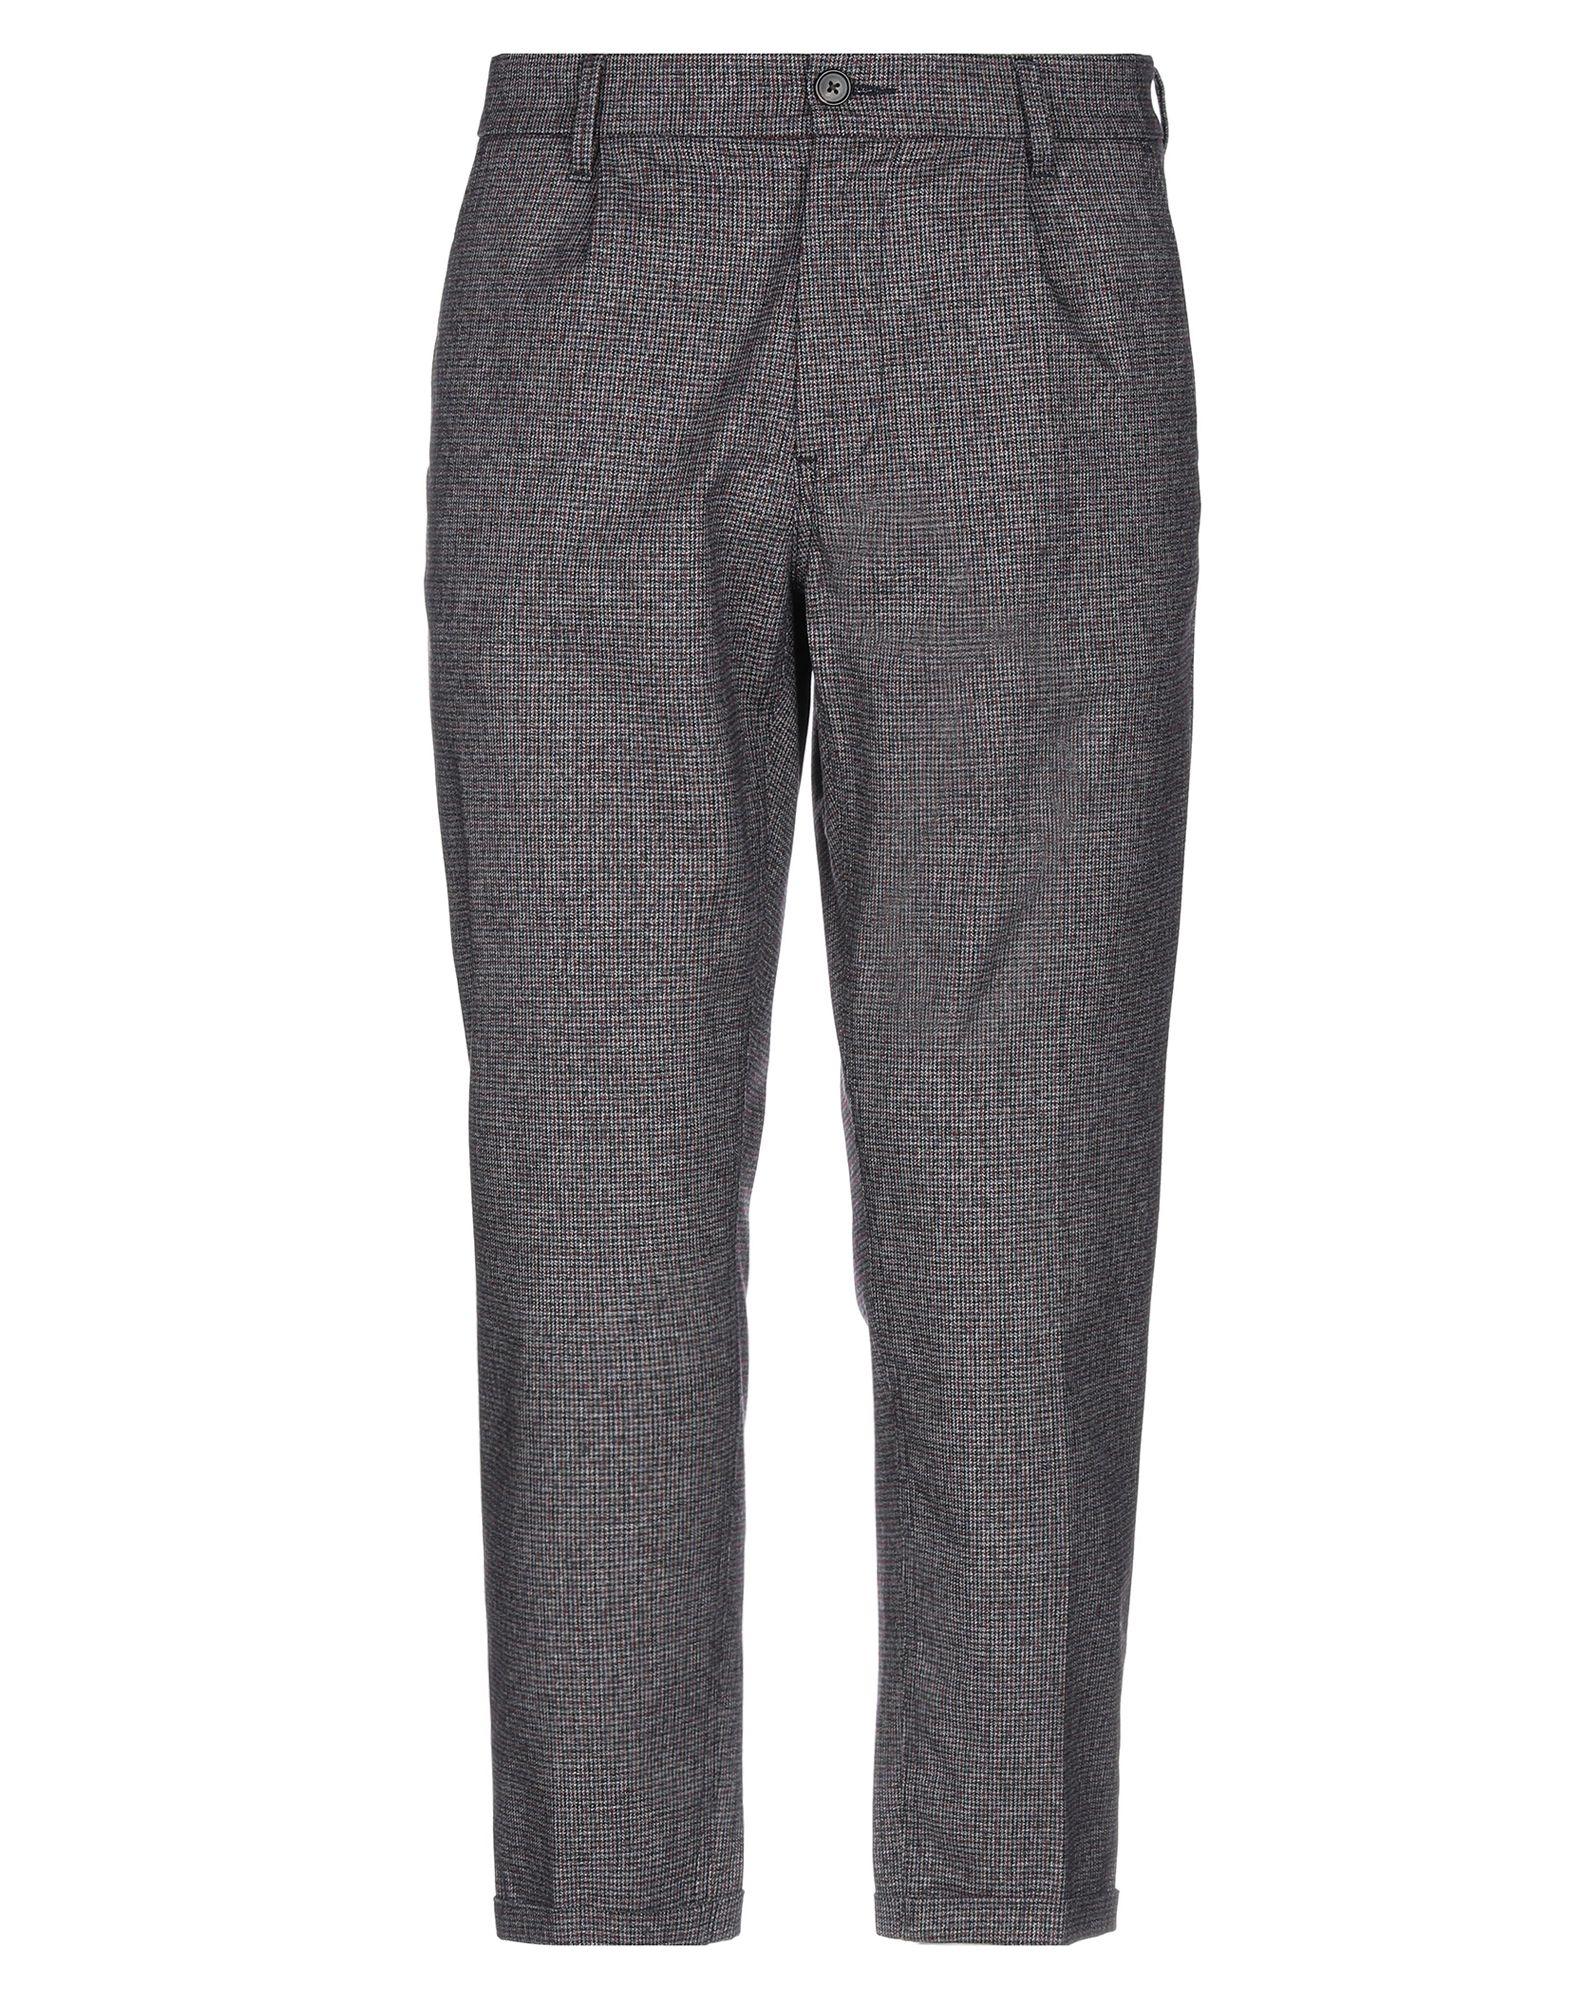 Pantalone Pantalone Pantalone Haikure uomo - 13350954AQ 2ec